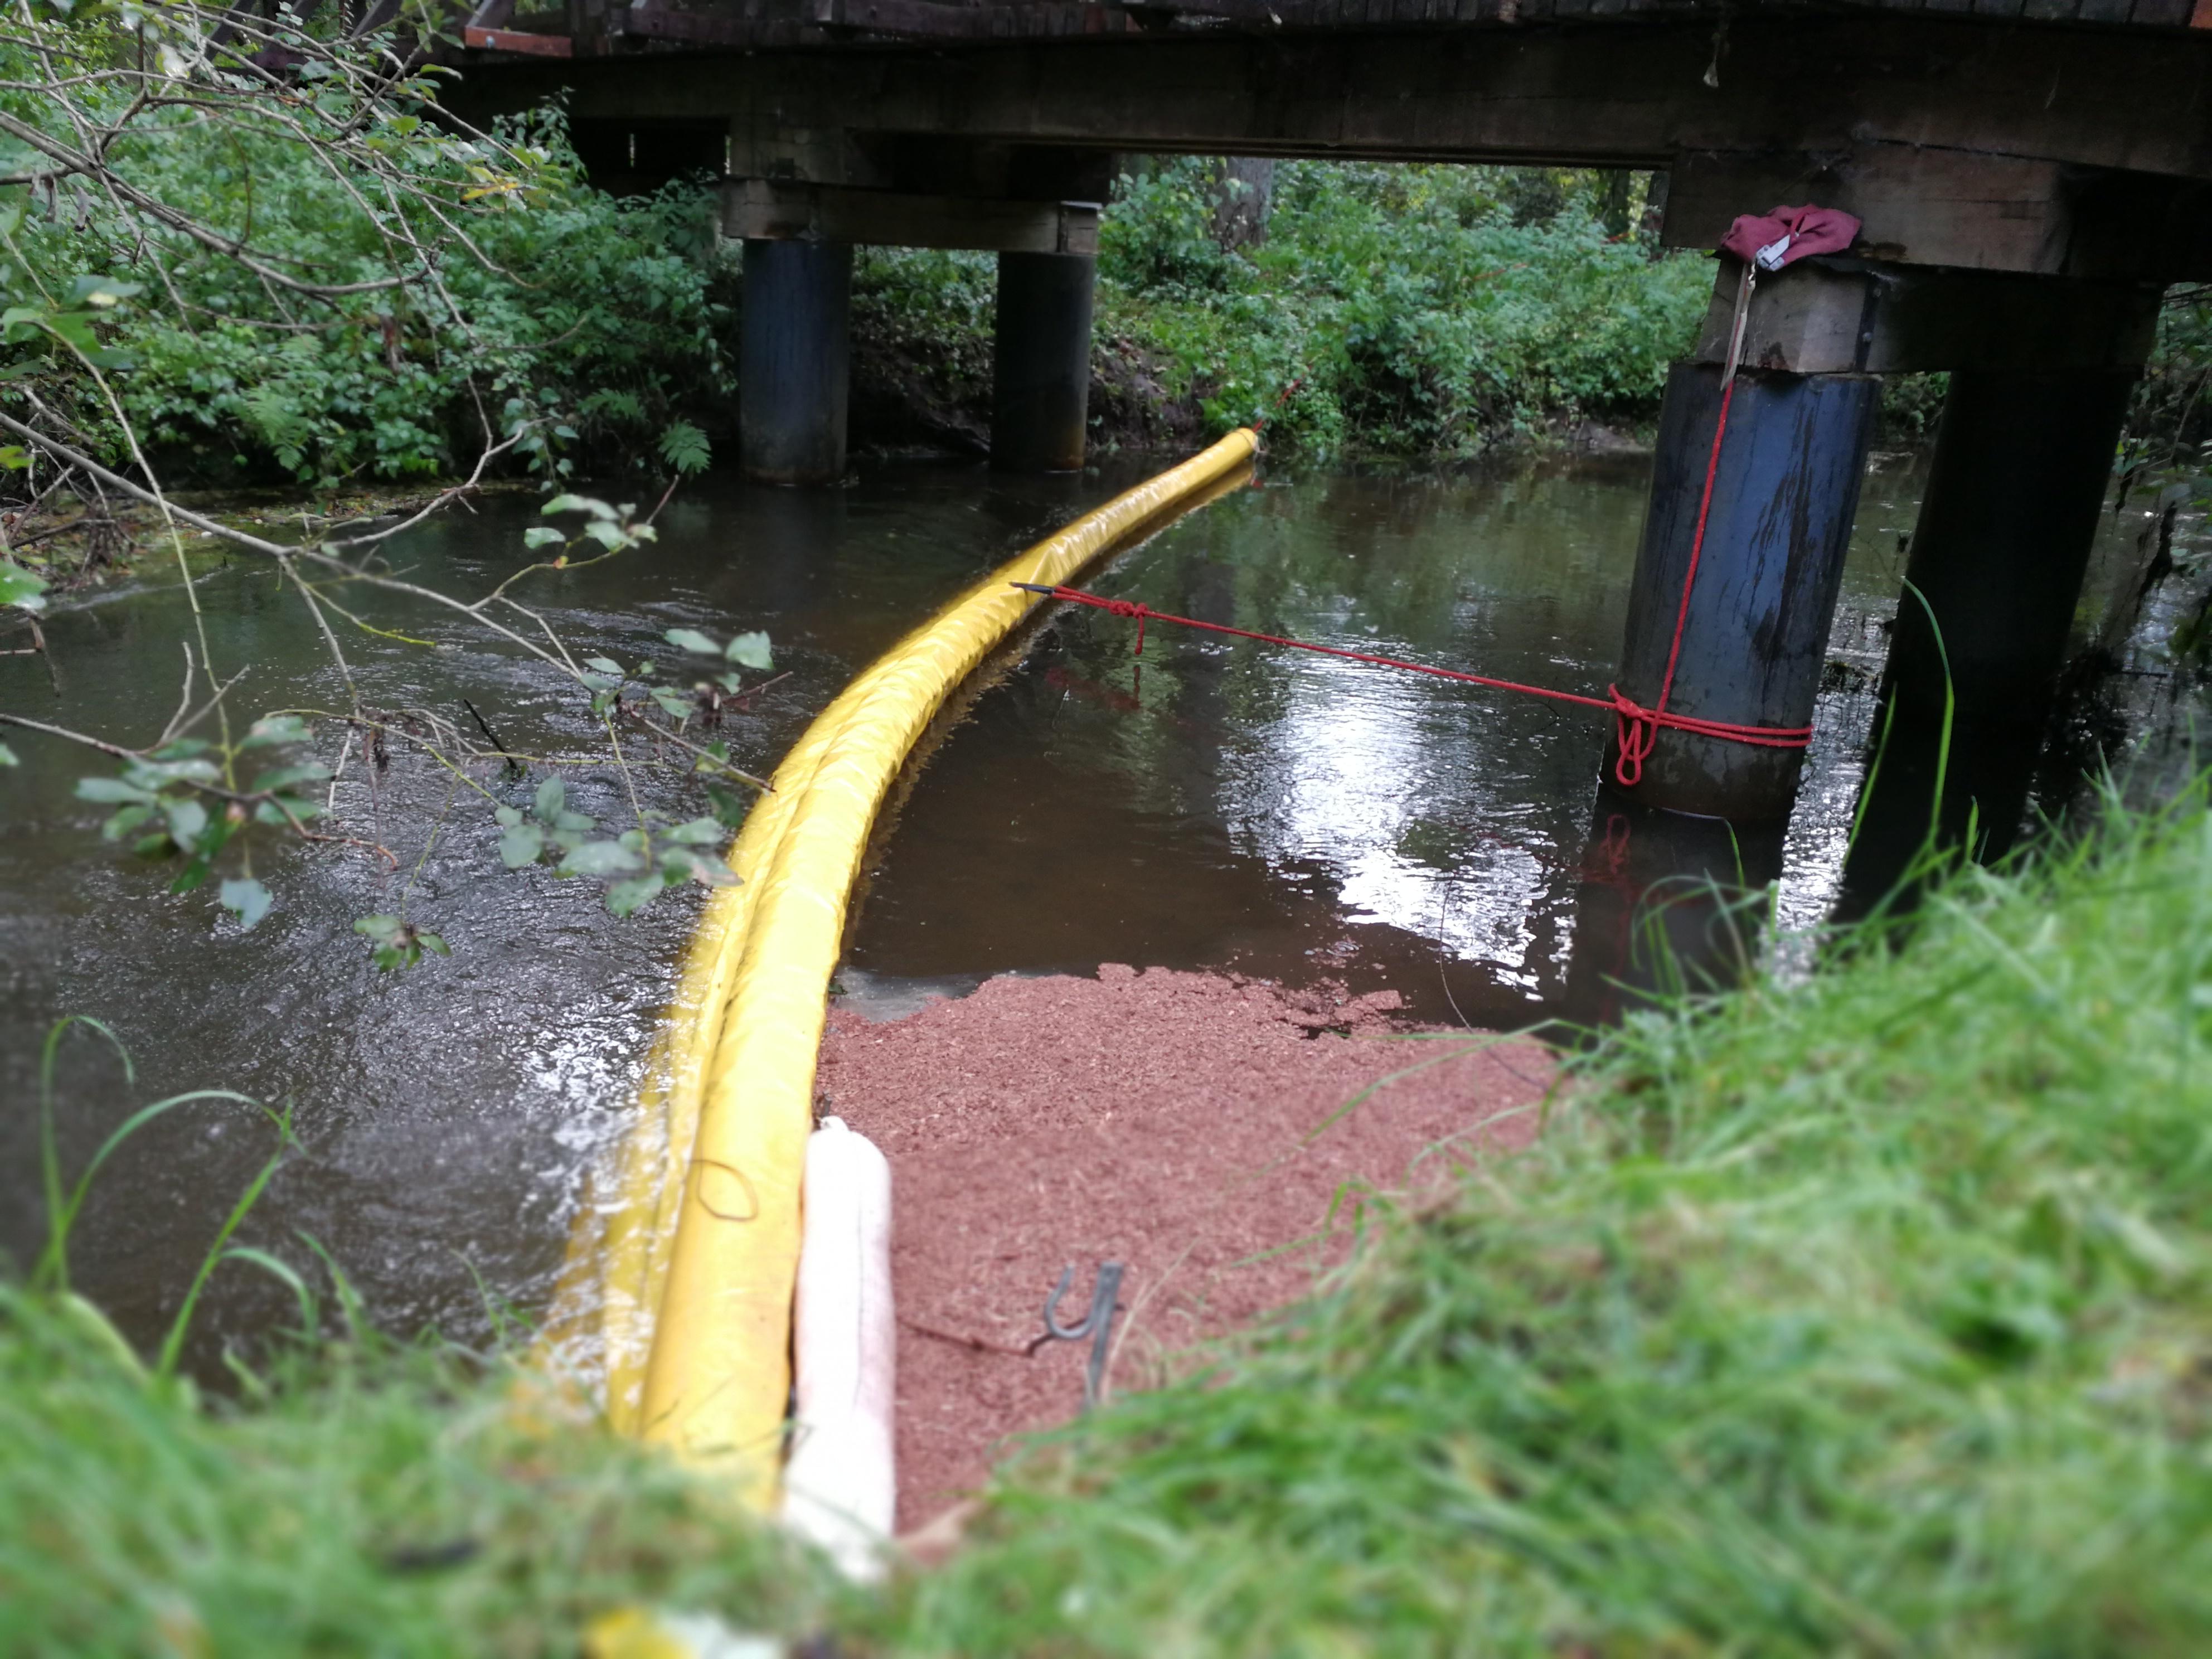 250. Hilfeleistung - - Ölsperre setzen - Ölfilm auf Gewässer